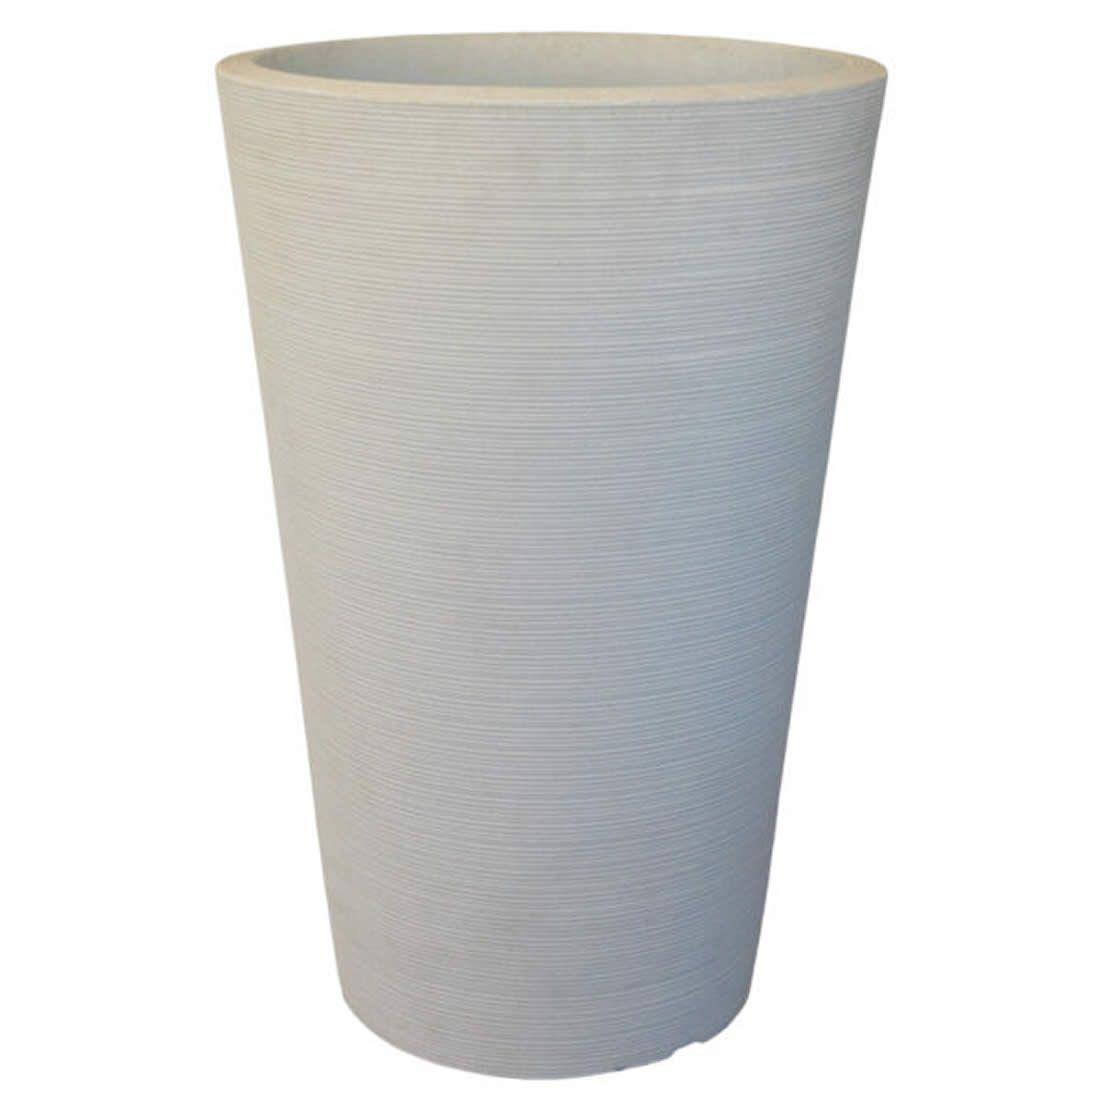 Vaso Para Planta Cônico Linea 50 Cimento - Japi